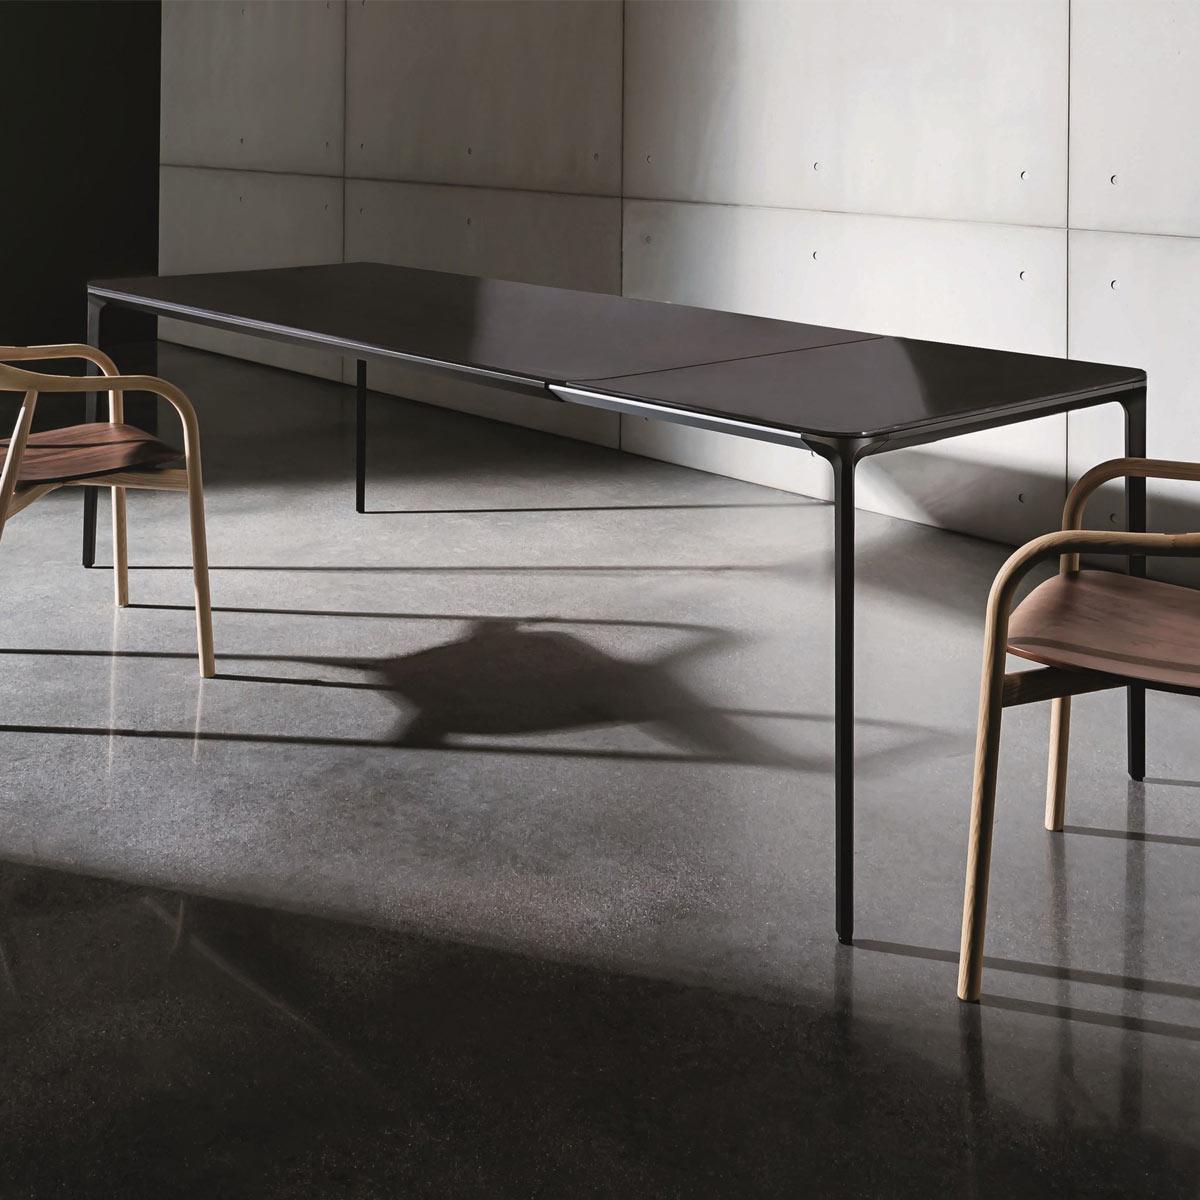 slim extending dining table sovet